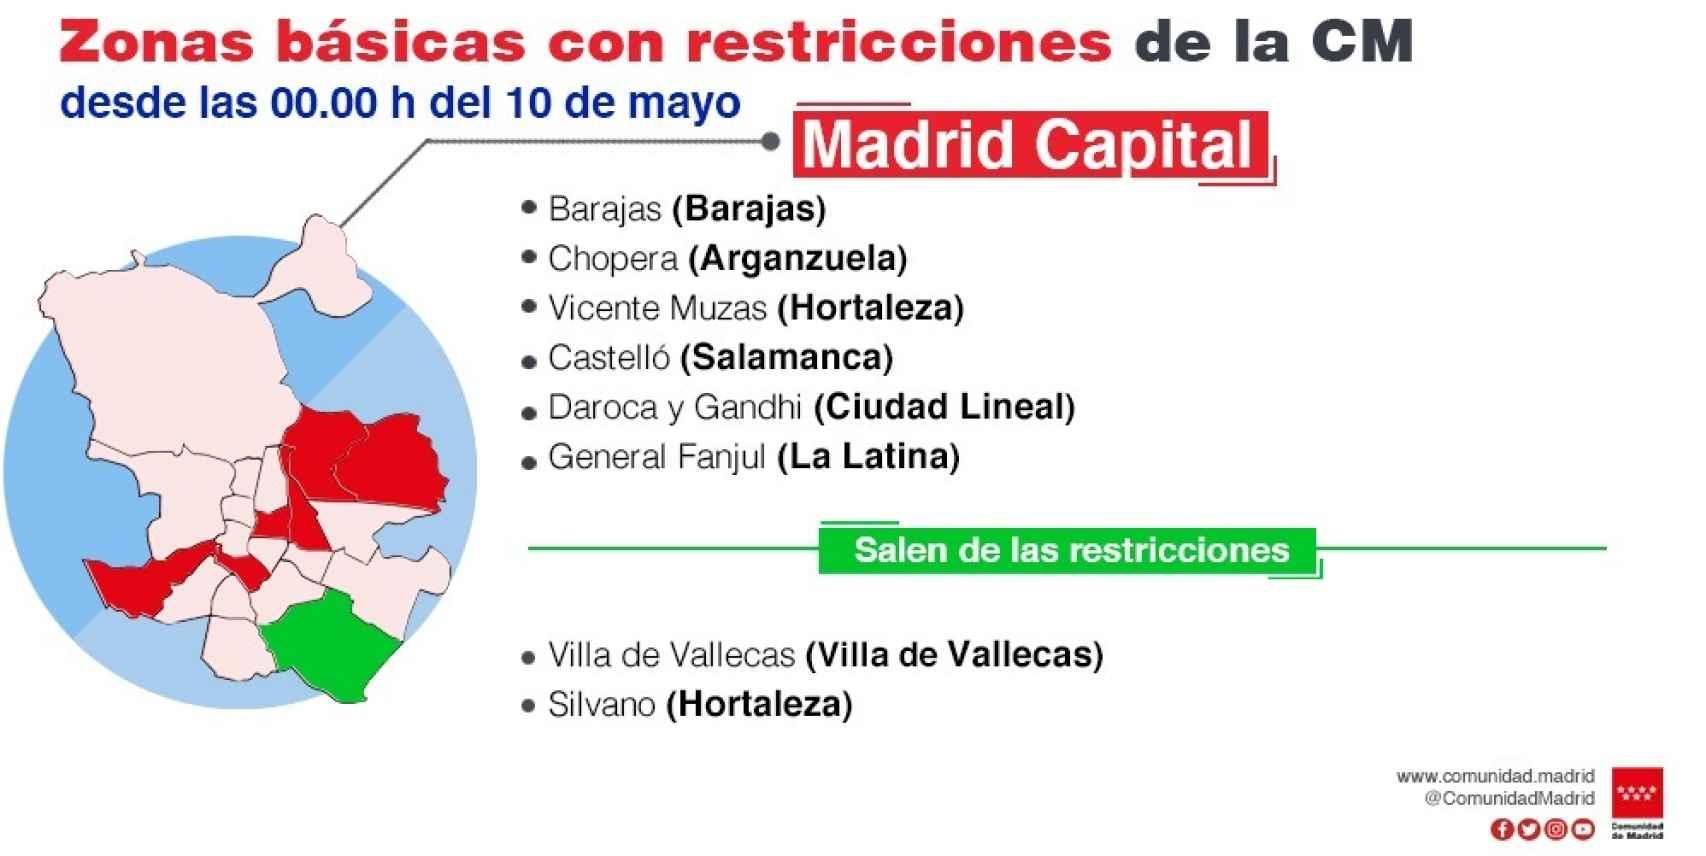 Zonas básicas con restricciones en Madrid capital